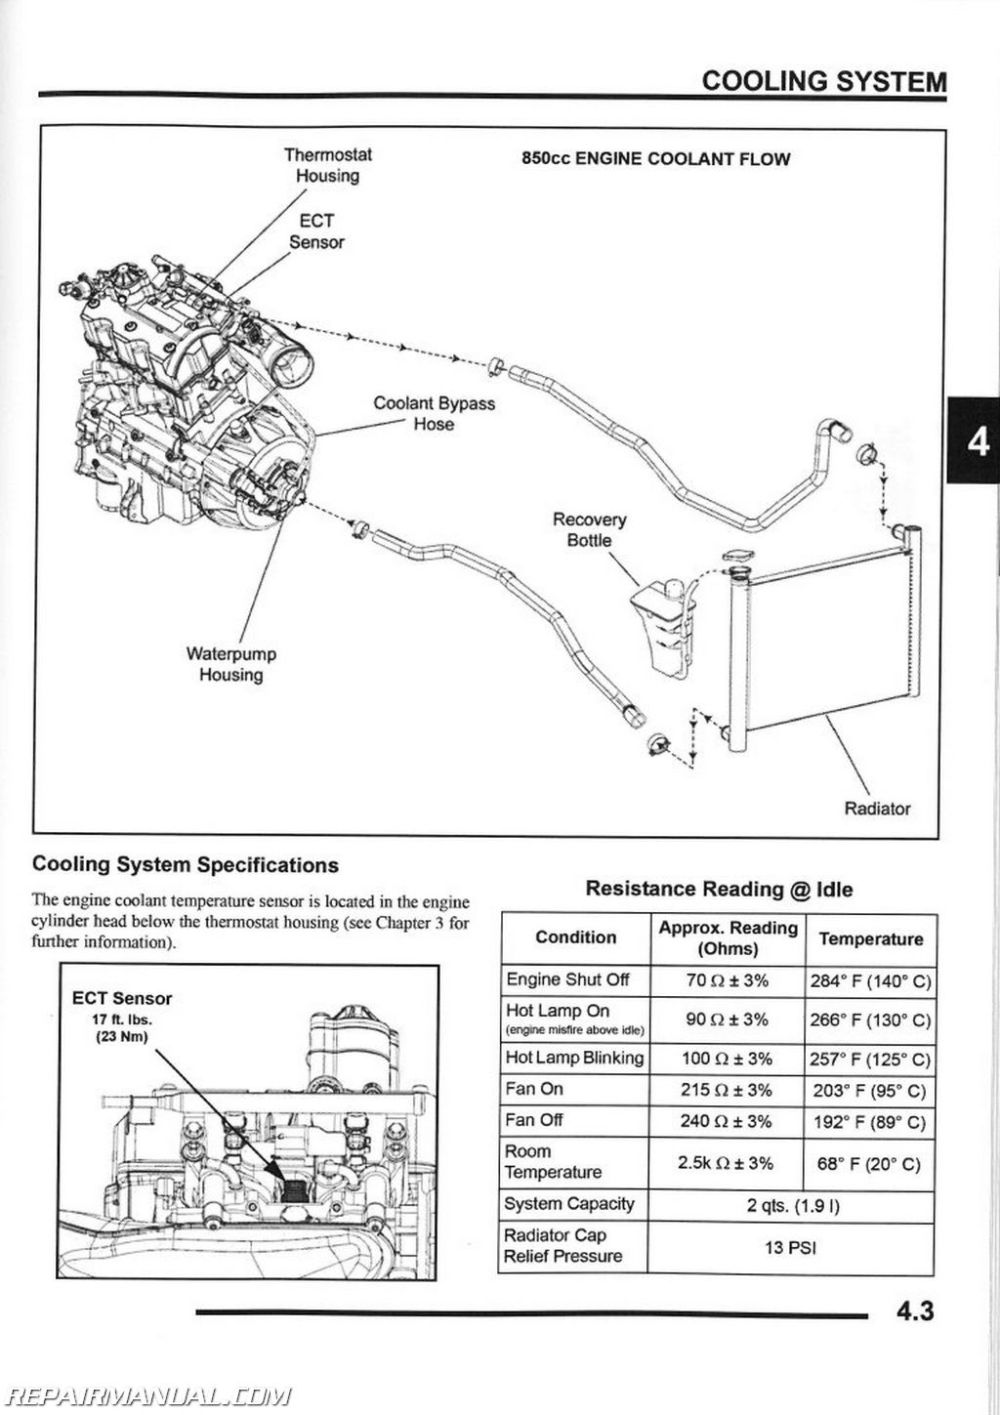 medium resolution of polaris sportsman 850 wiring diagram electrical engineering wiring 2014 polaris sportsman 850 xp wiring diagram